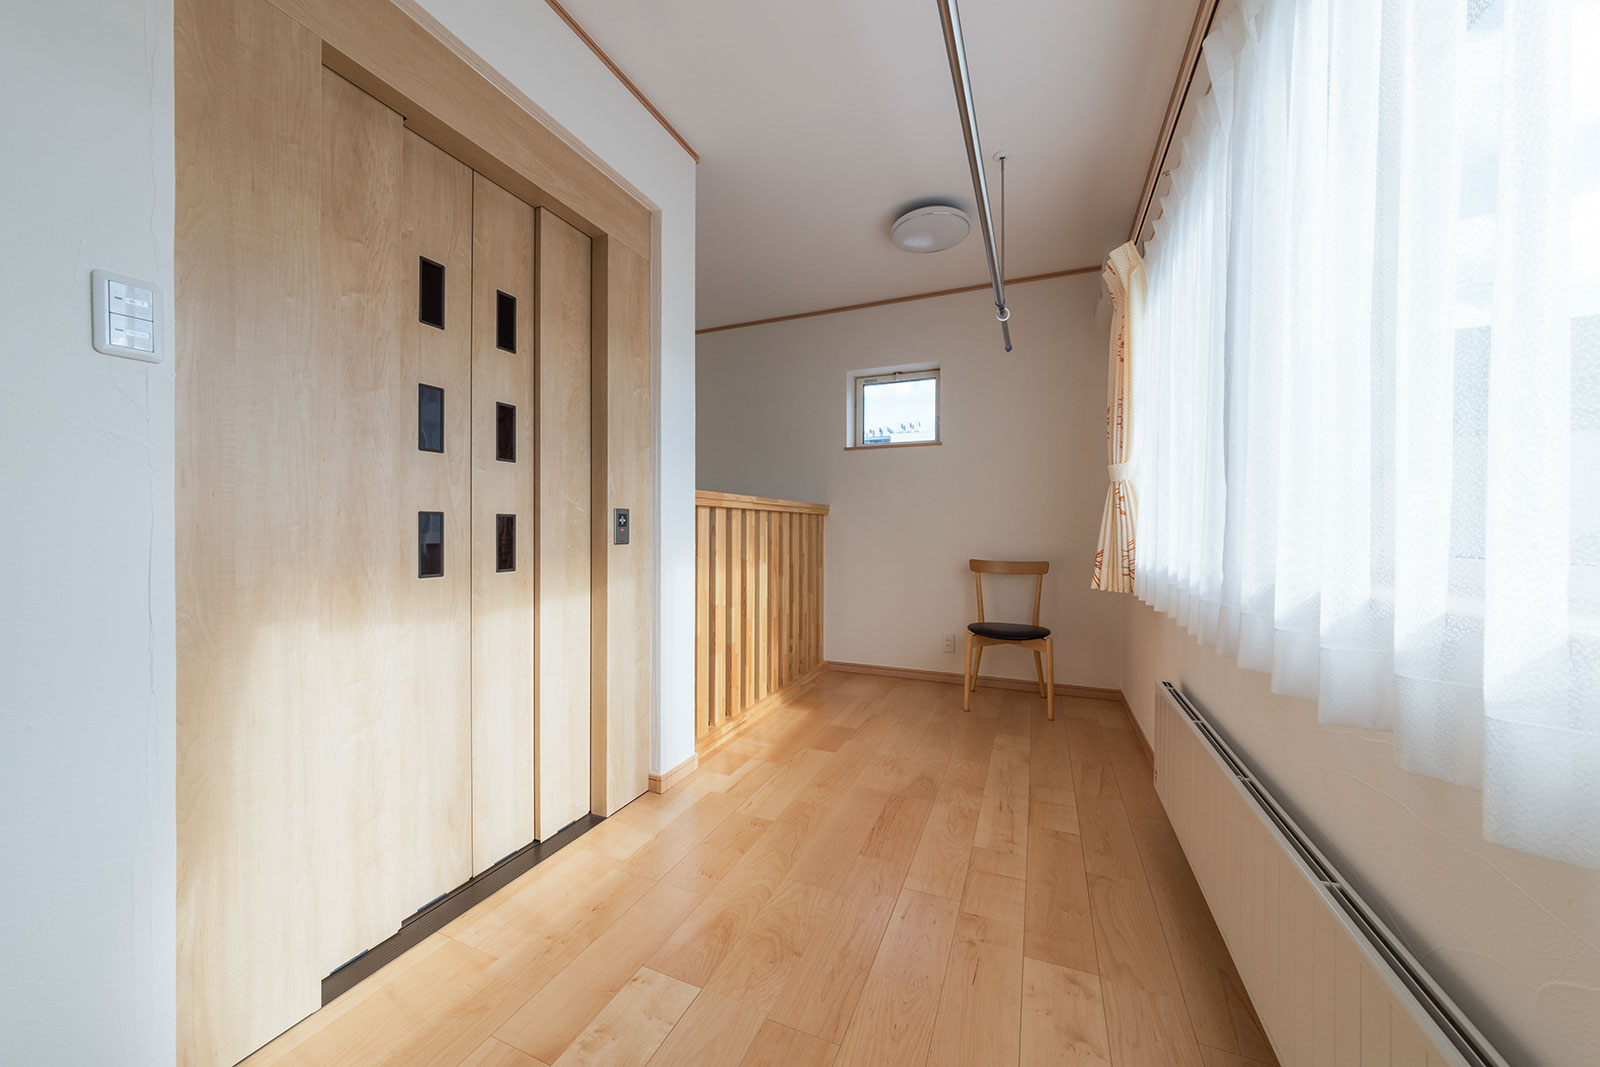 洗濯物干しなど多目的に使える3階ホールとホームエレベーター。奥は2階と繋がる吹き抜け